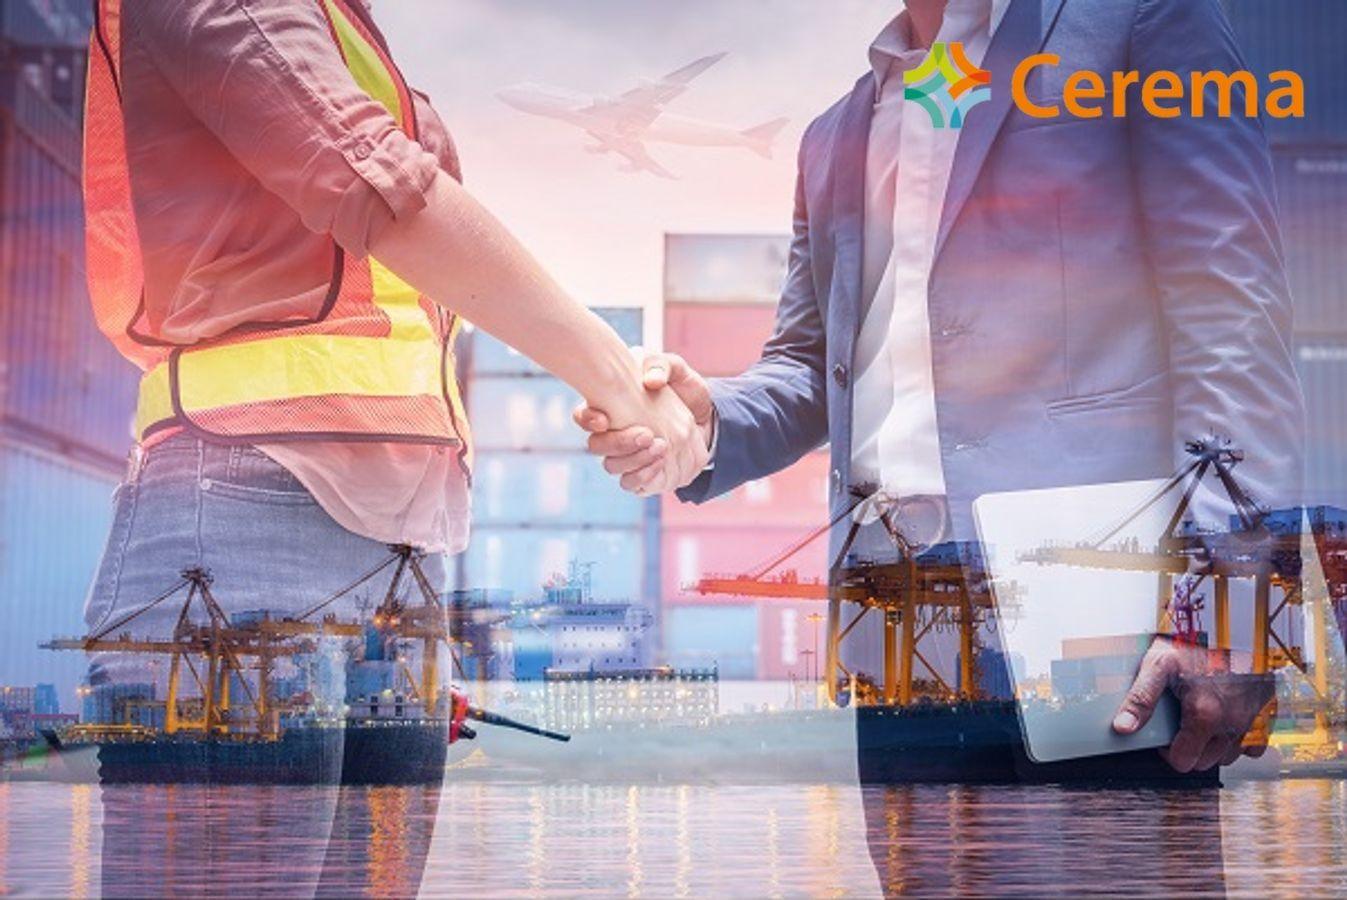 La maintenance des ouvrages portuaires, un défi pour les gestionnaires !